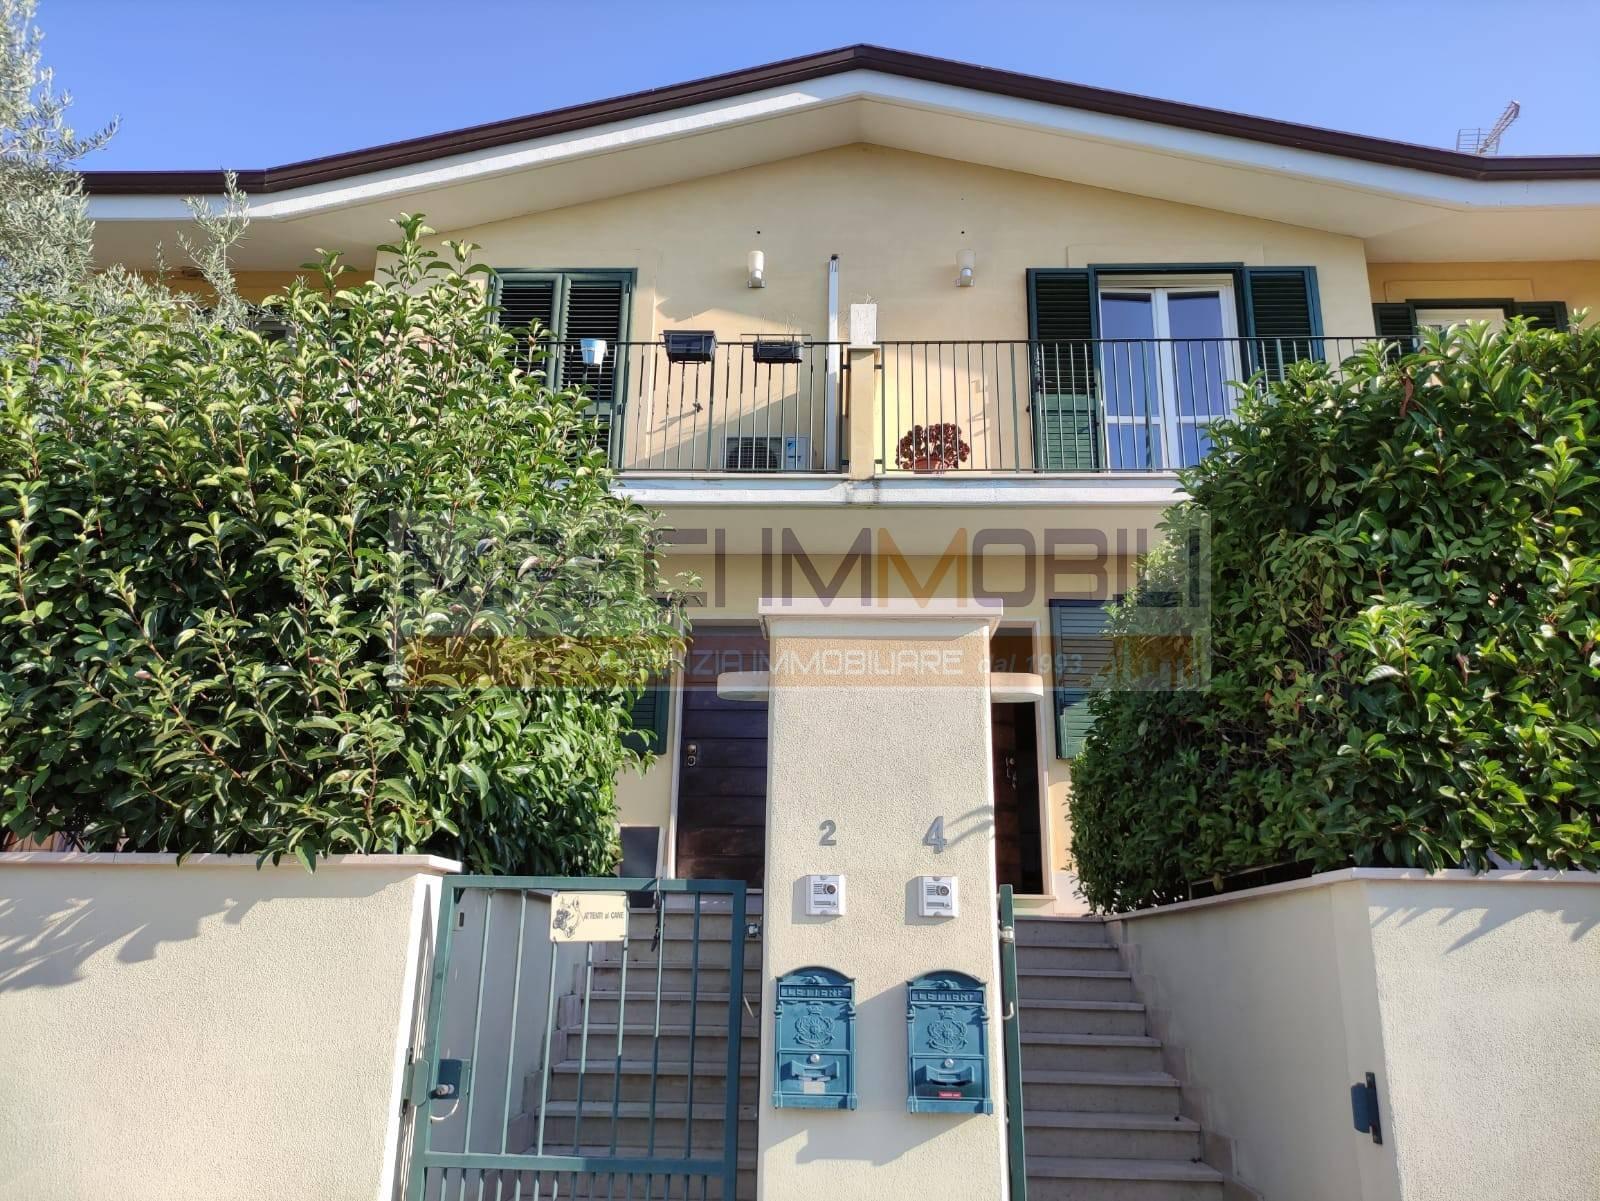 Villa a Schiera in vendita a Nerola, 4 locali, zona Zona: Acquaviva, prezzo € 130.000 | CambioCasa.it